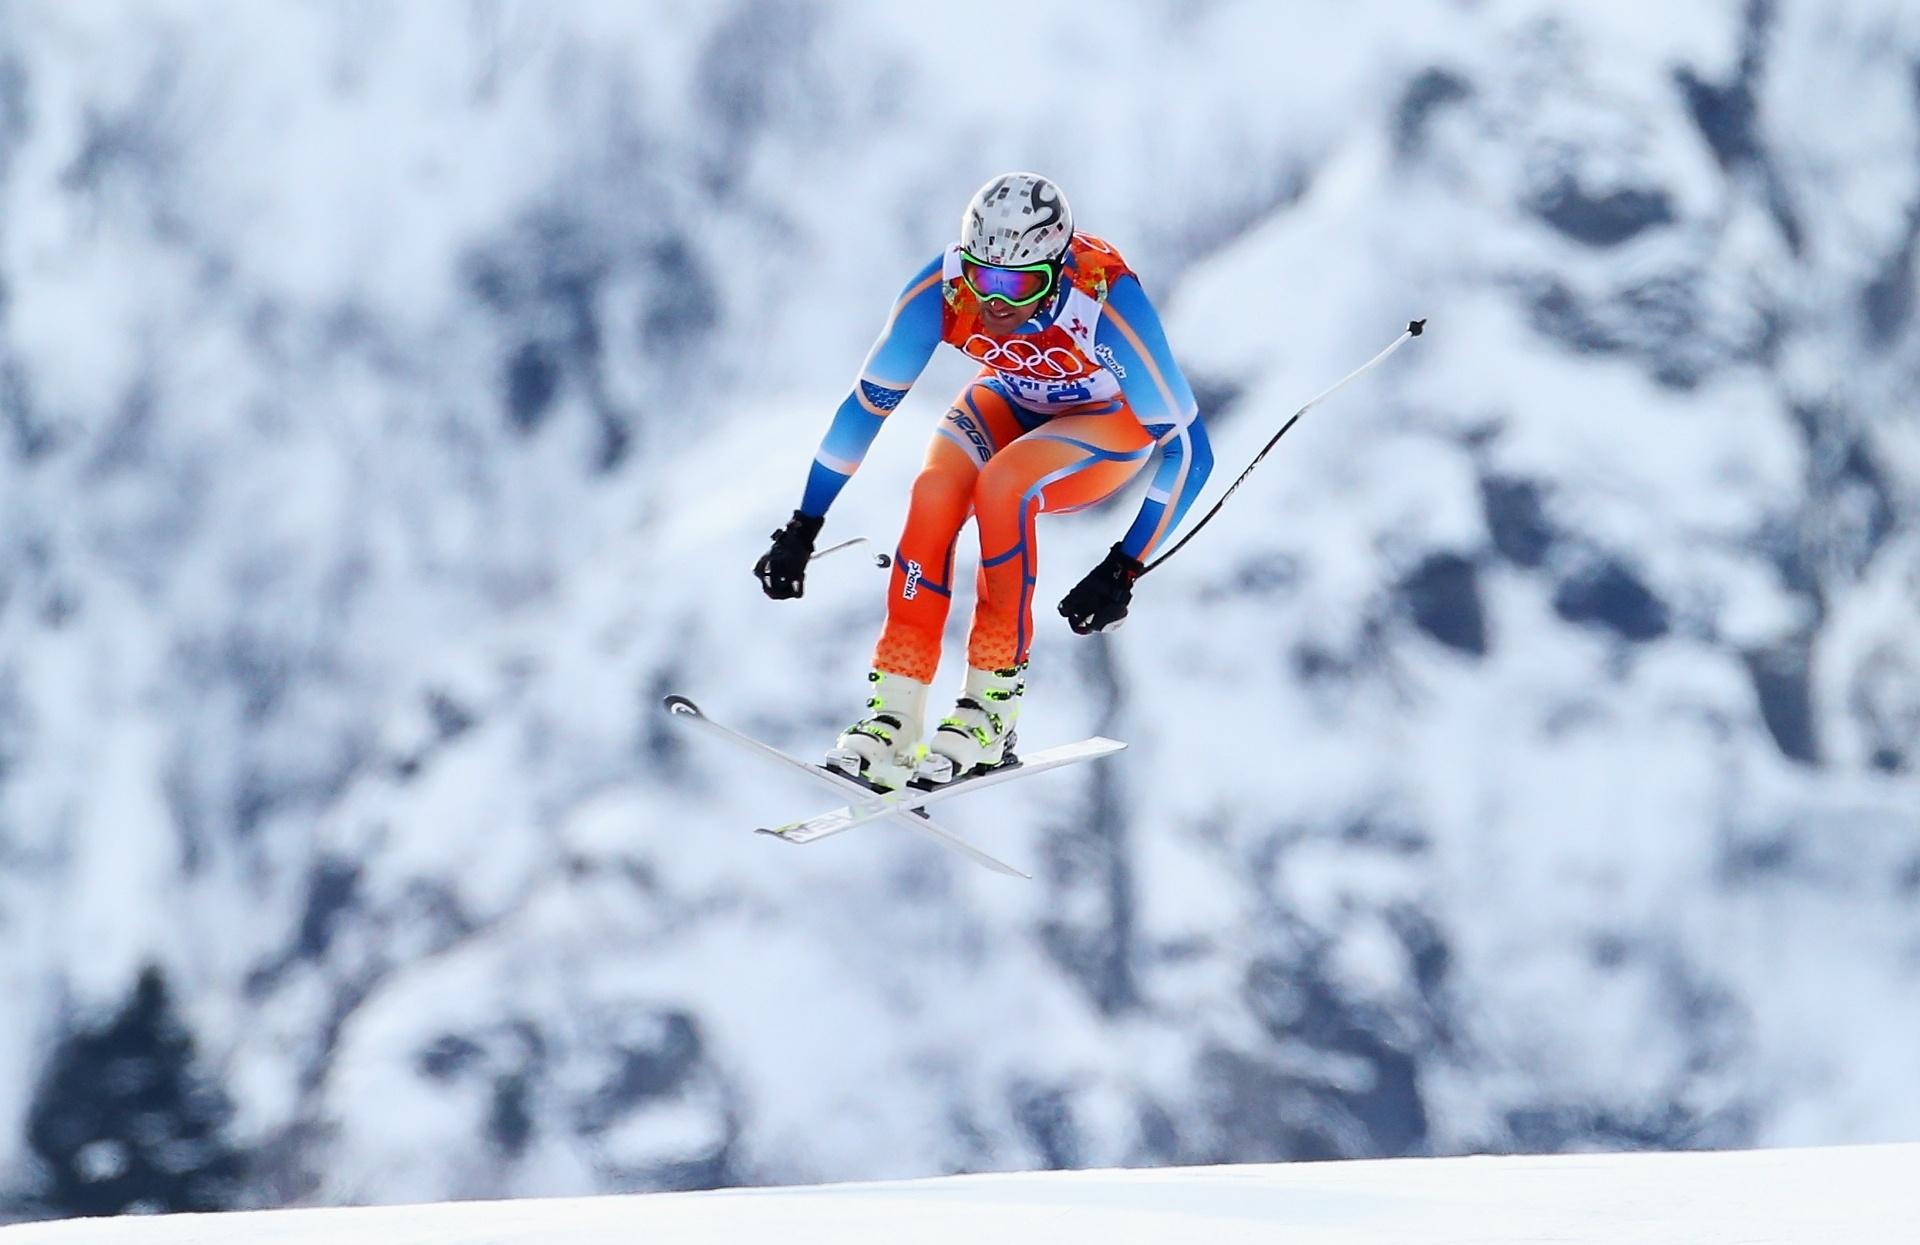 09.02.2014 - Aksel Lund Svindal, da Noruega, usa roupa colorida para se destacar diante das montanhas nevadas